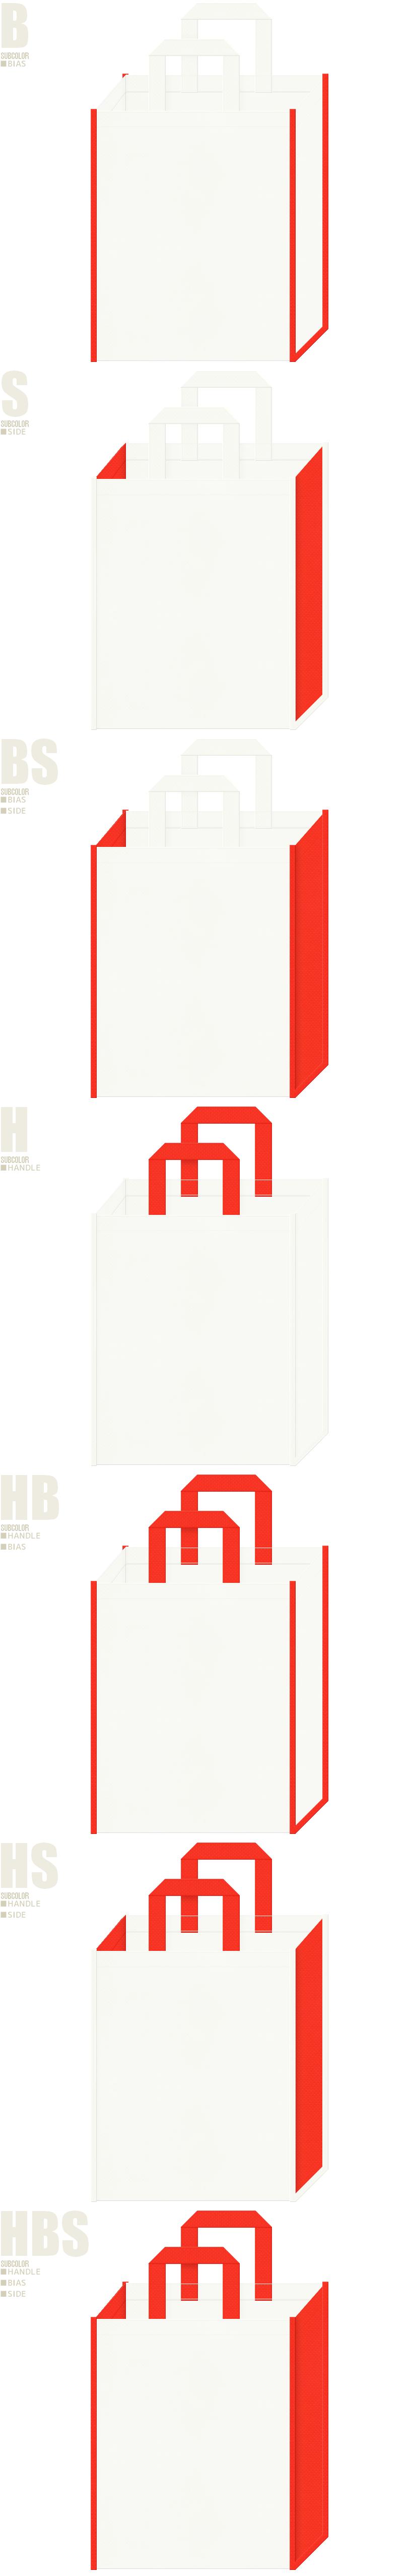 サプリメント・ビタミン・レシピ・クッキング・料理教室・キッチン用品の展示会用バッグにお奨めの不織布バッグデザイン:オフホワイト色とオレンジ色の不織布バッグ配色7パターン